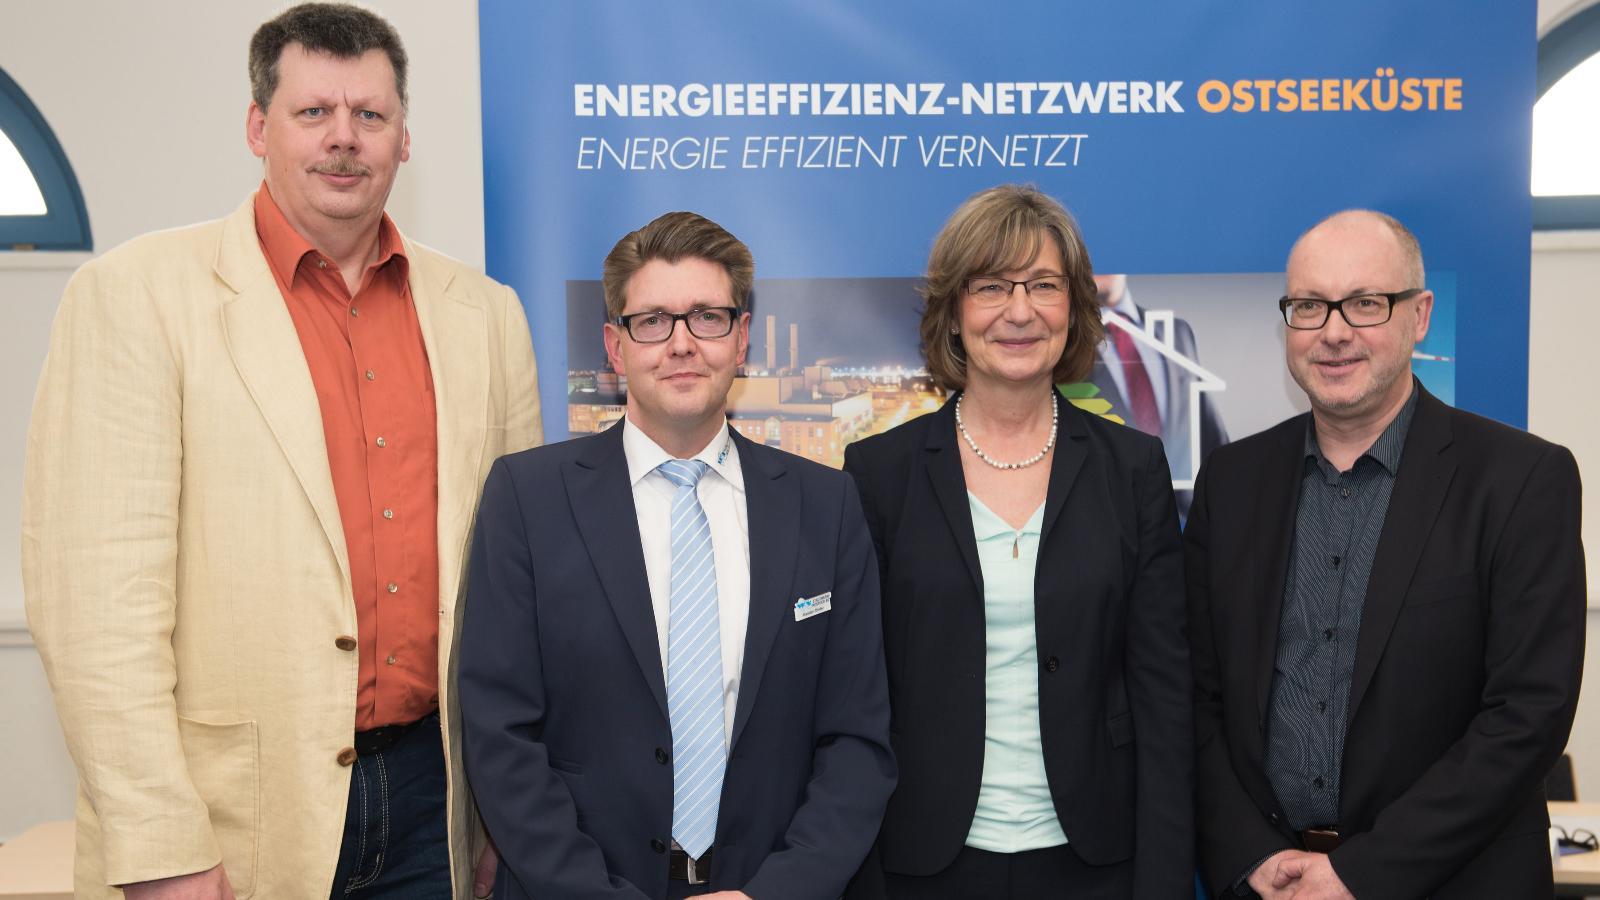 Netzwerk für Energieeffizienz